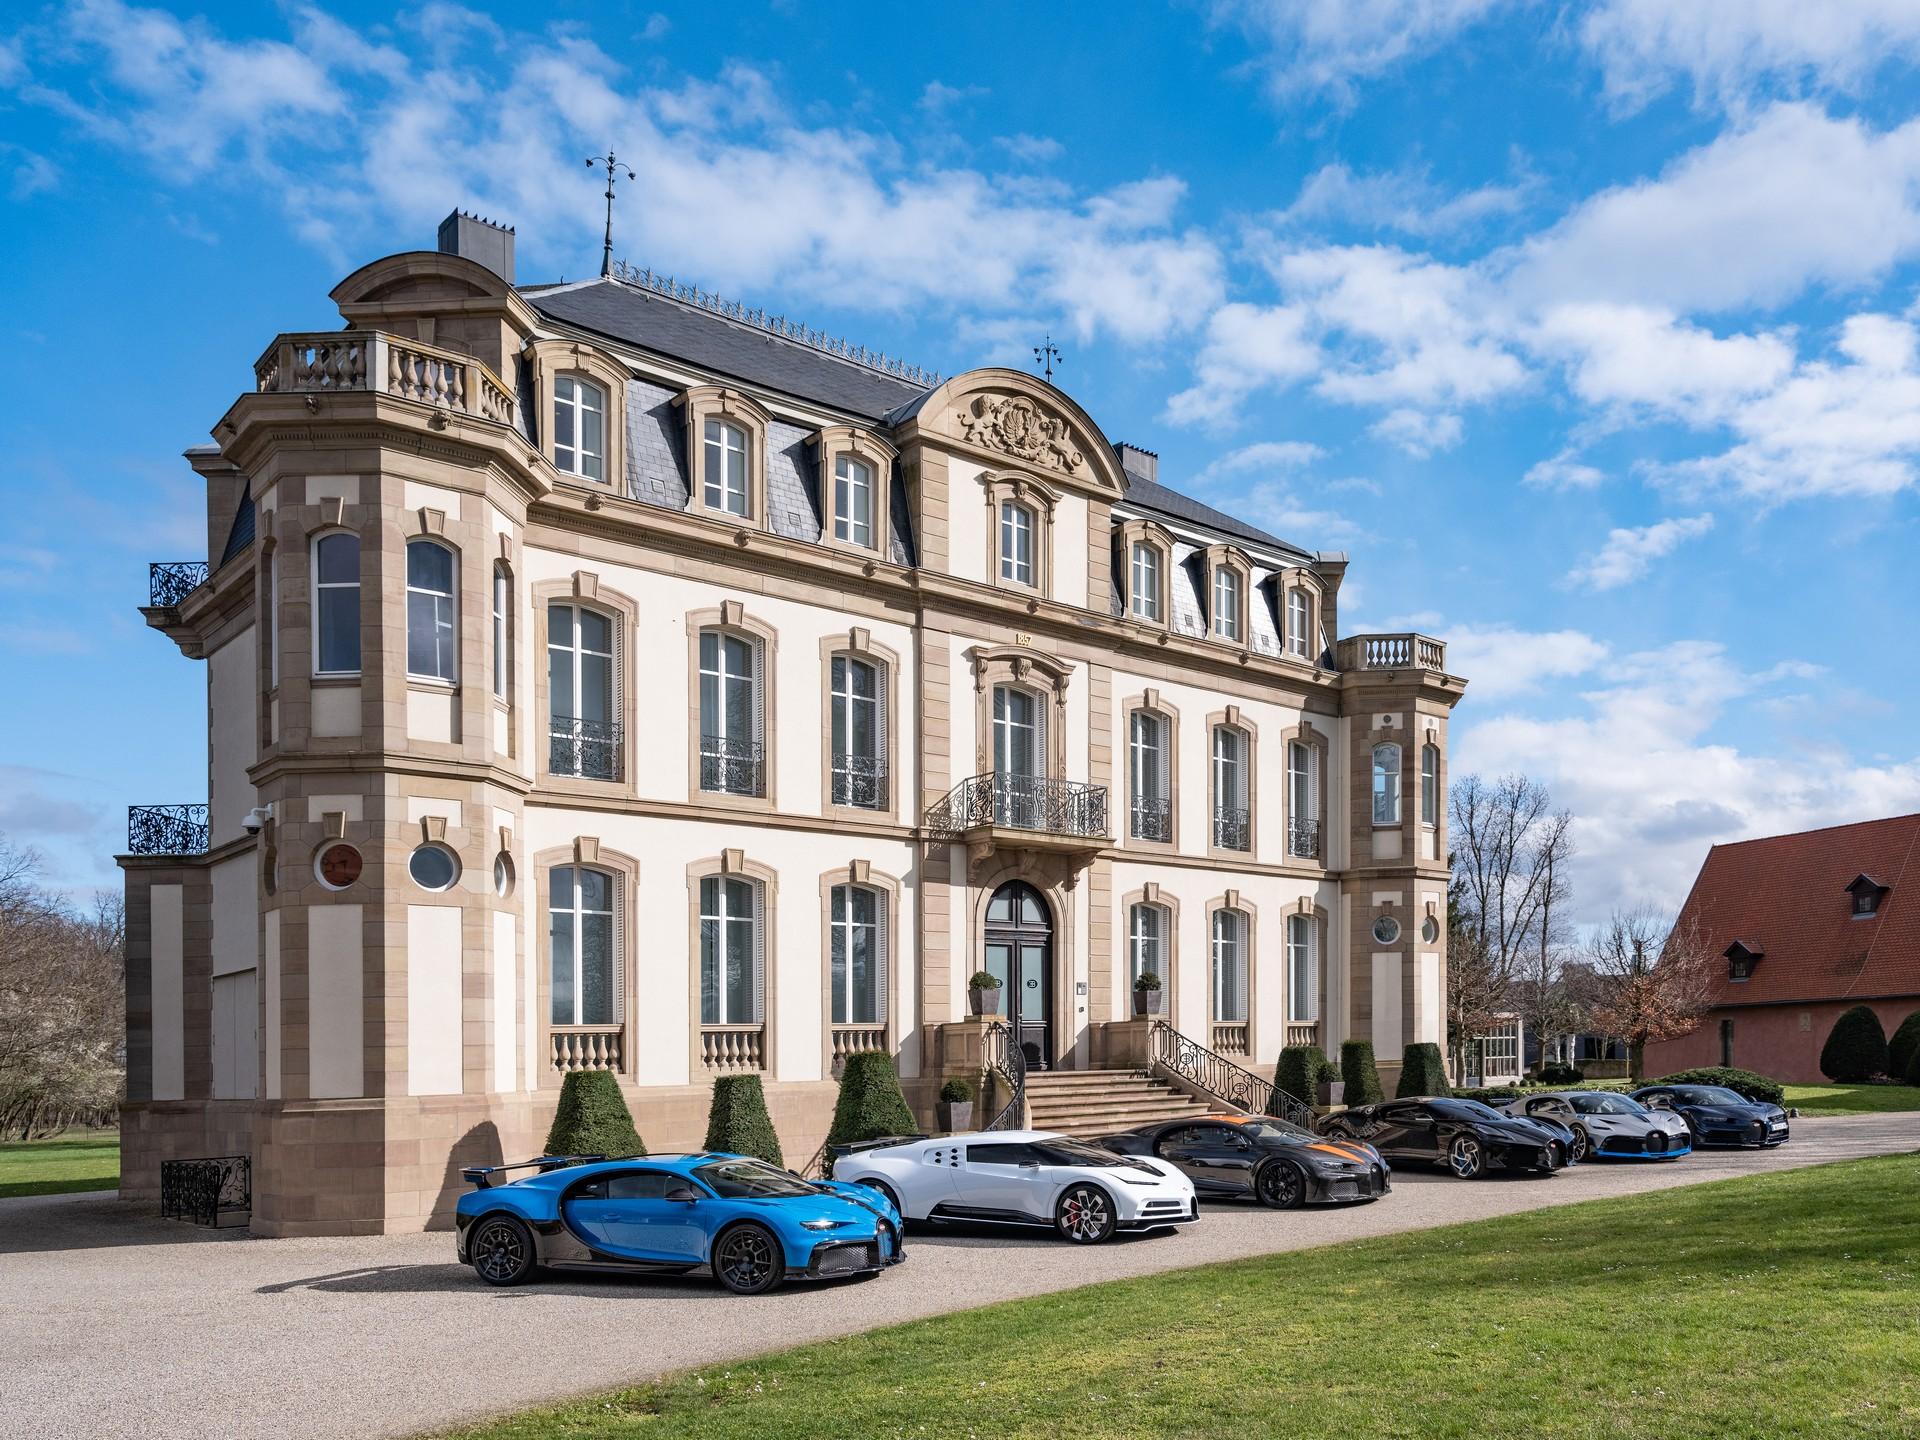 Bugatti - Sześć samochodów za 35 mln dolarów